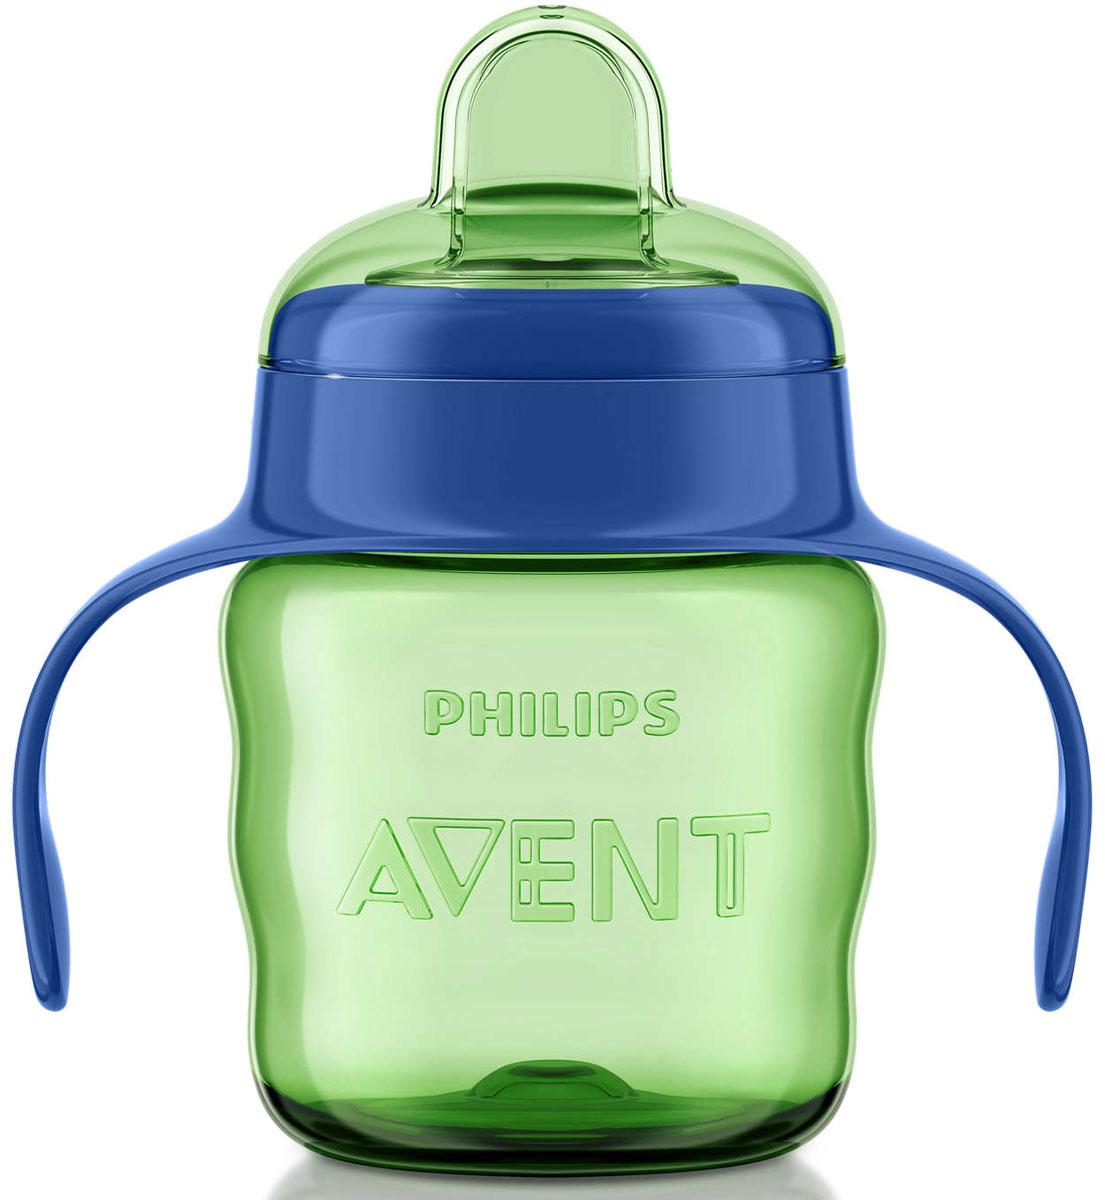 Philips Avent Чашка-поильник Comfort от 6 месяцев цвет салатовый синий 200 мл SCF551/00